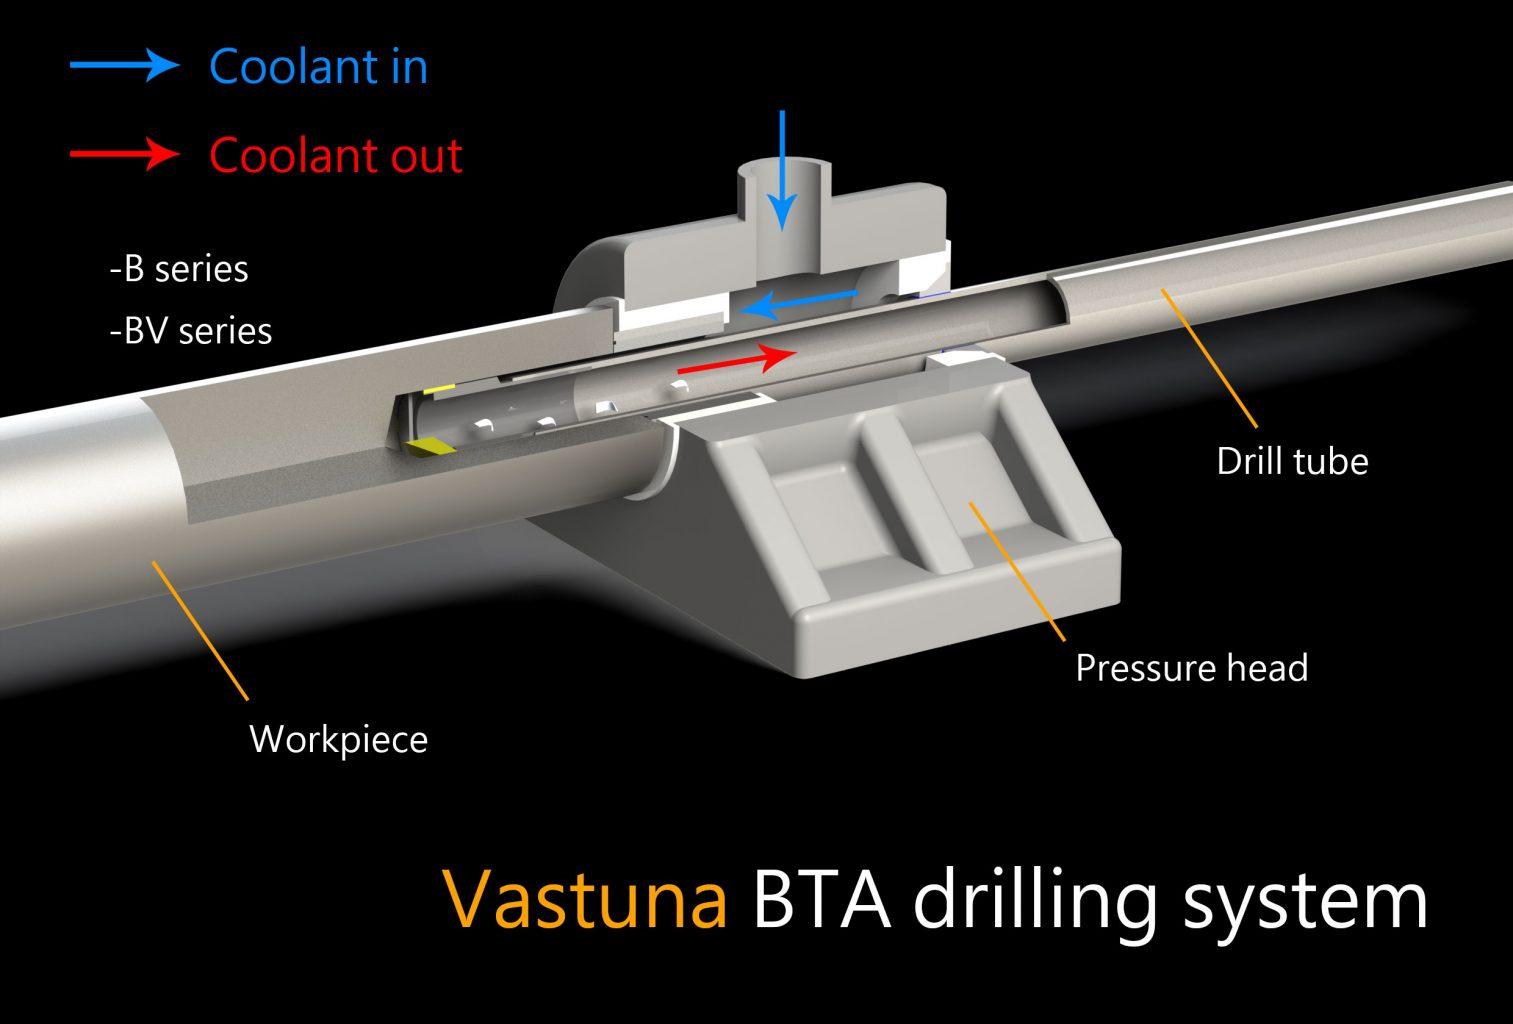 bta drilling system